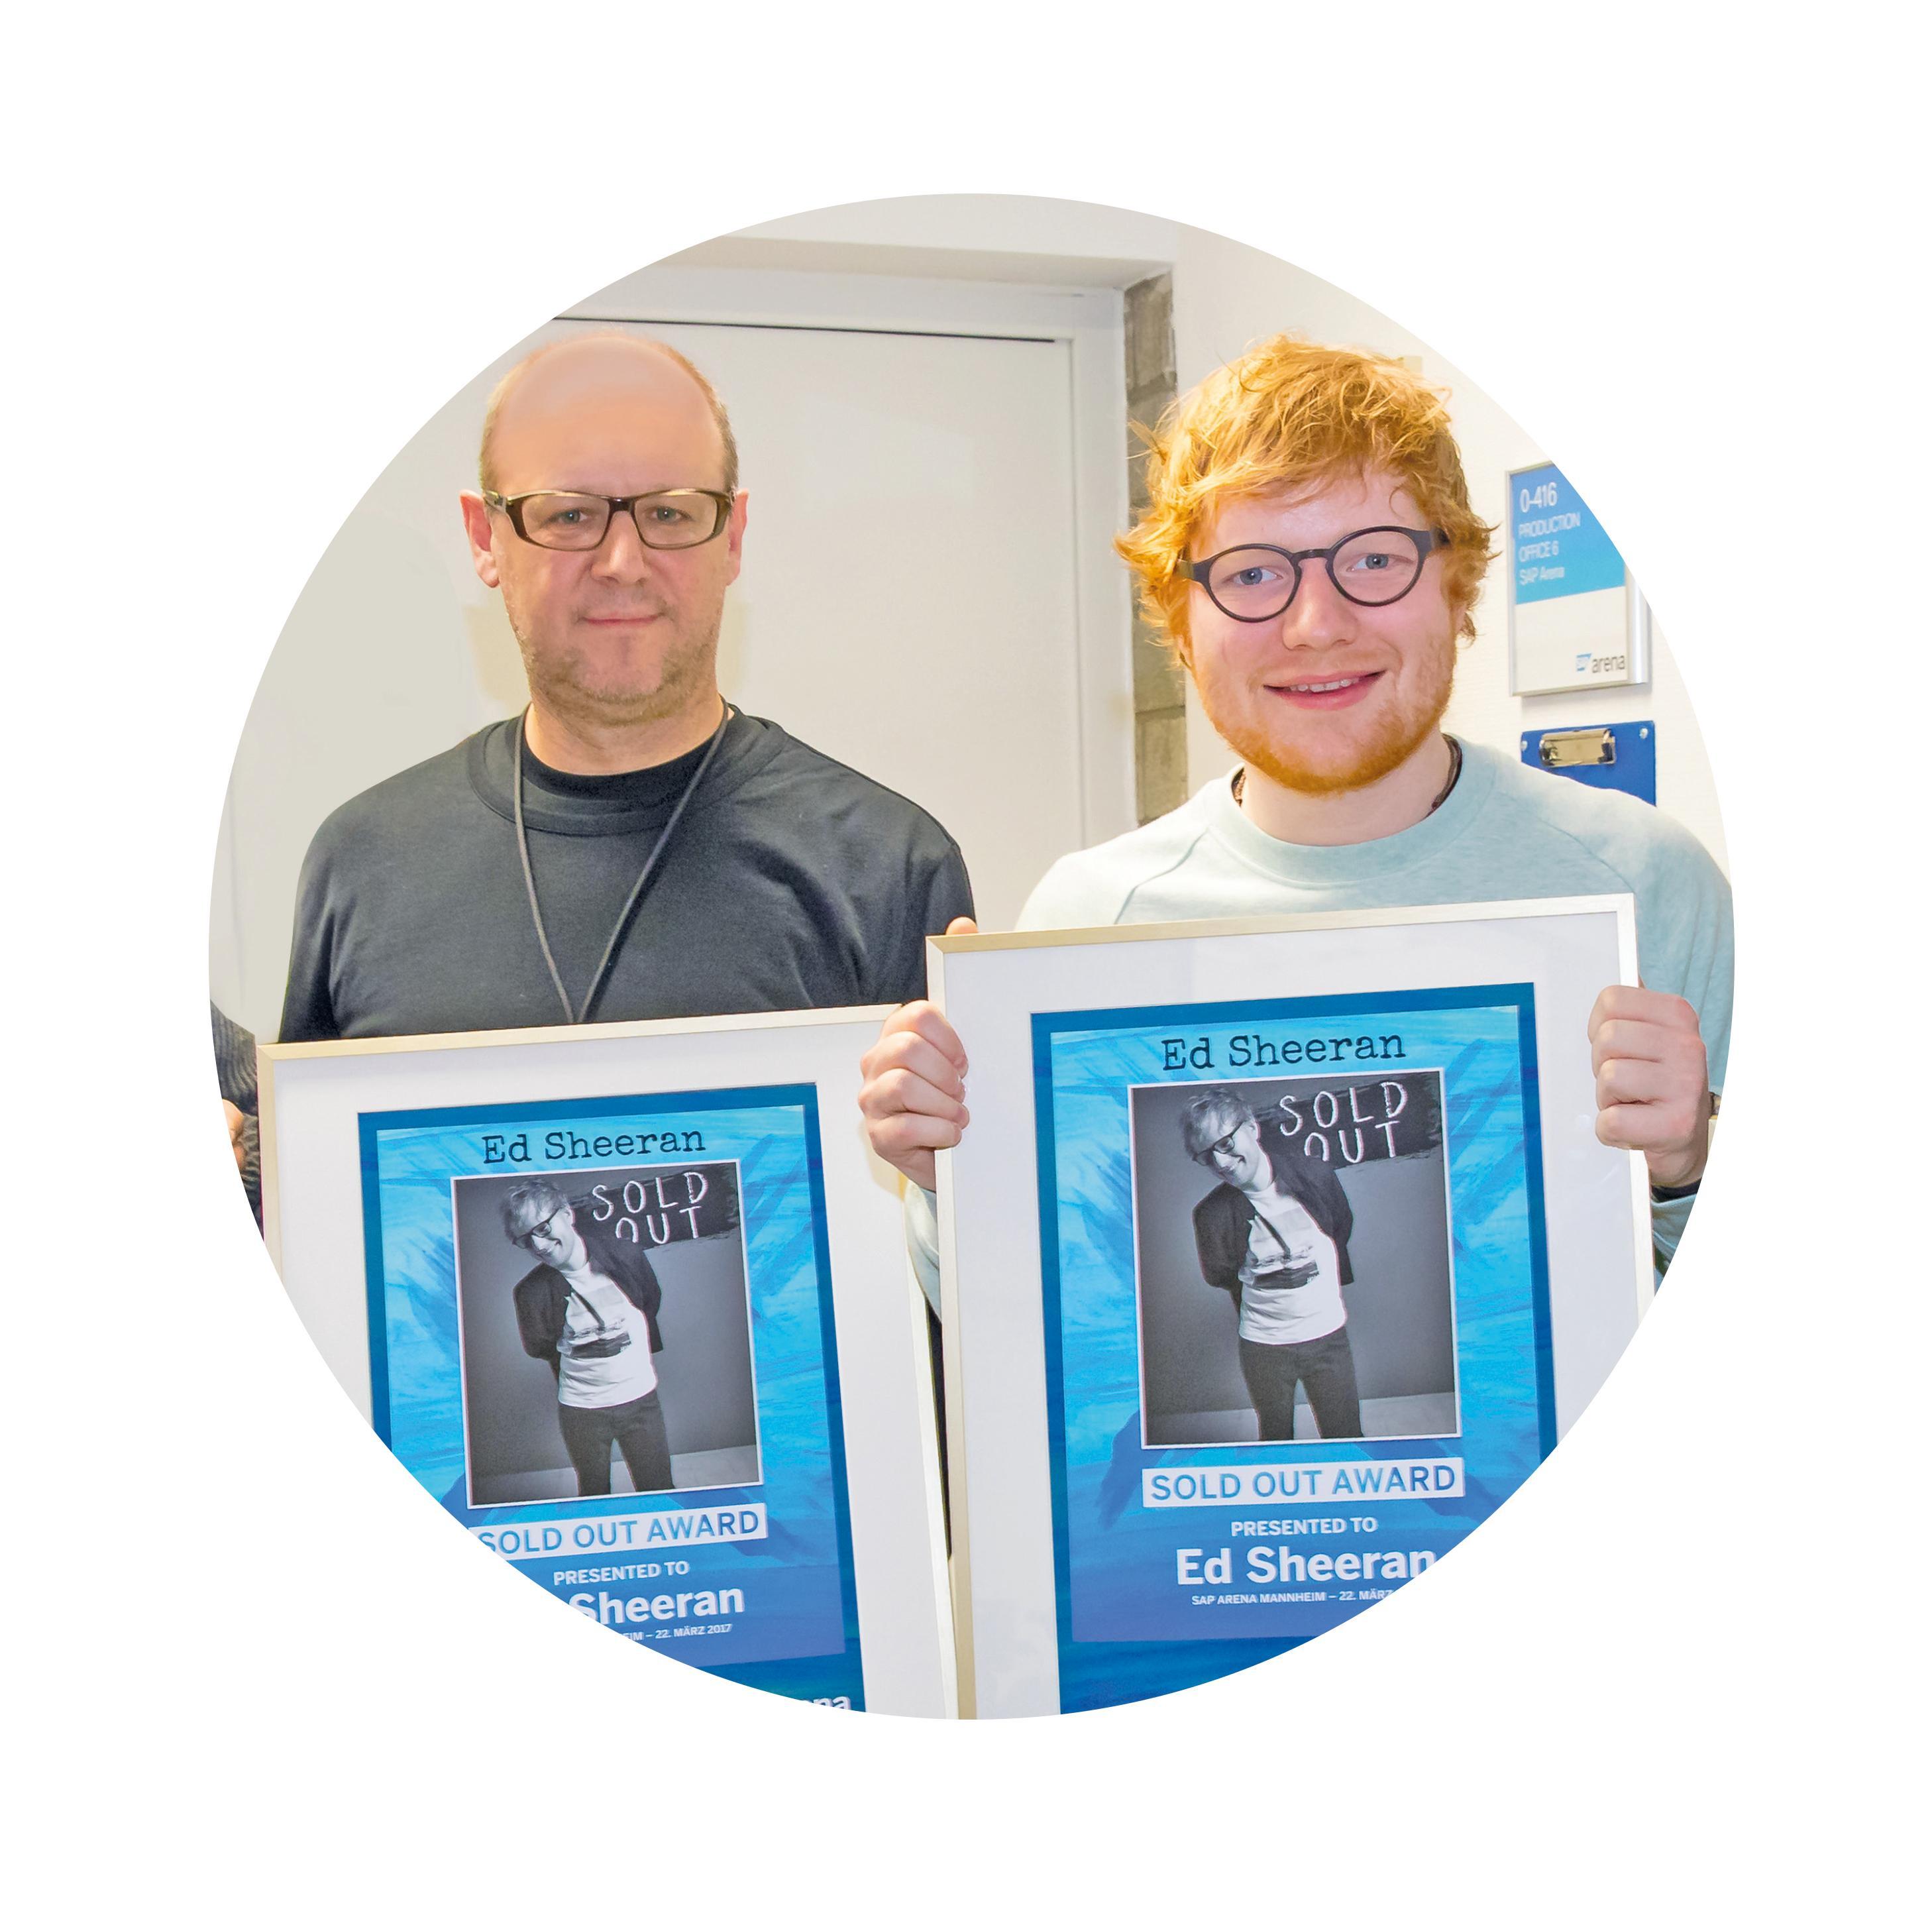 Matthias Mantel (l.) und Ed Sheeran 2017 mit dem Ausverkauft-Award der SAP Arena. BILD: SAP ARENA